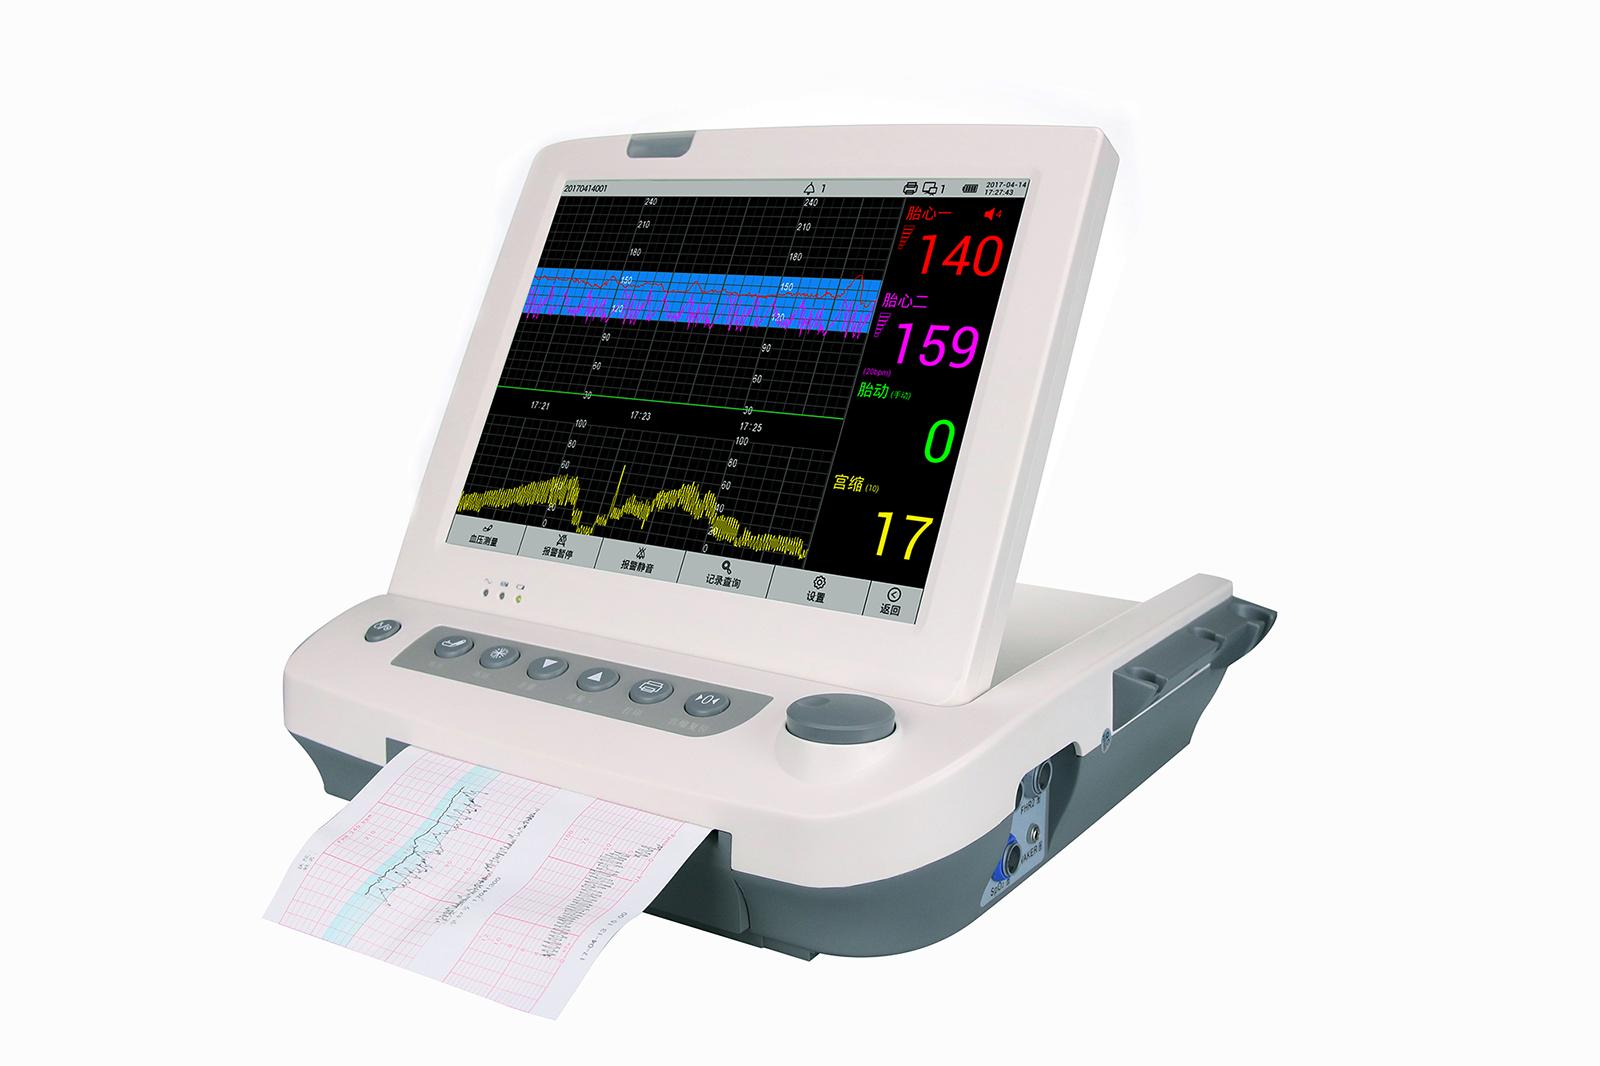 L8P胎儿监护仪